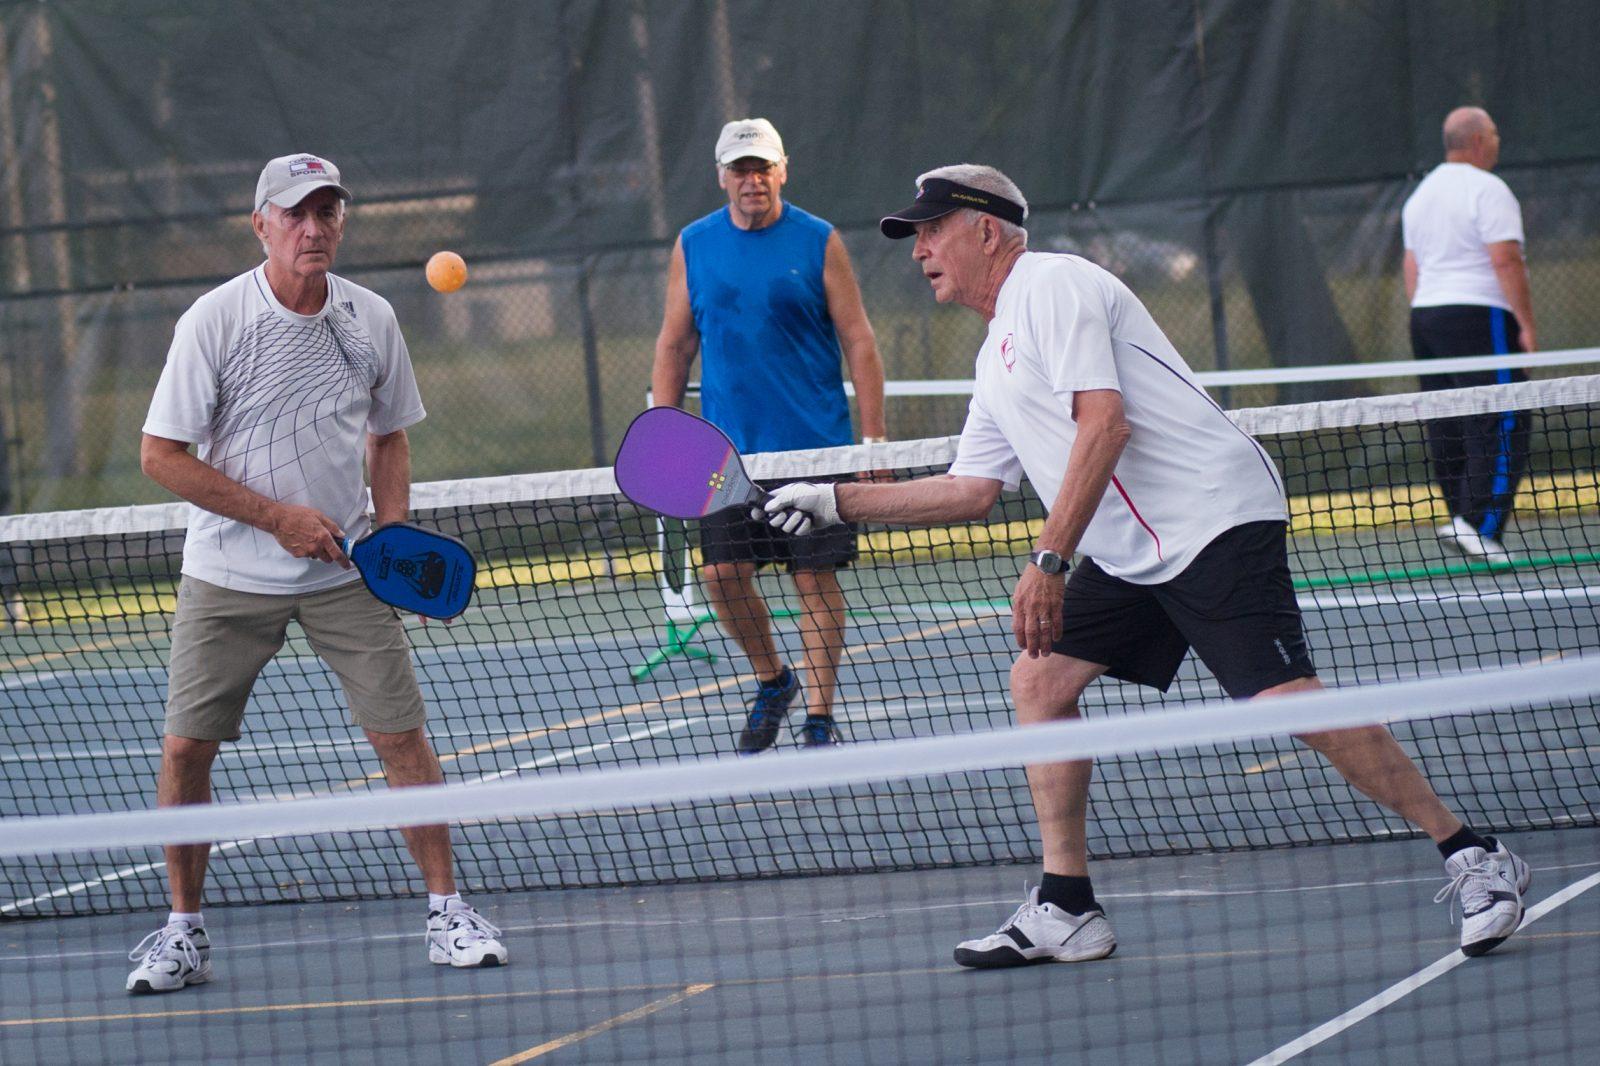 Des activités physiques pour les 65 ans et plus